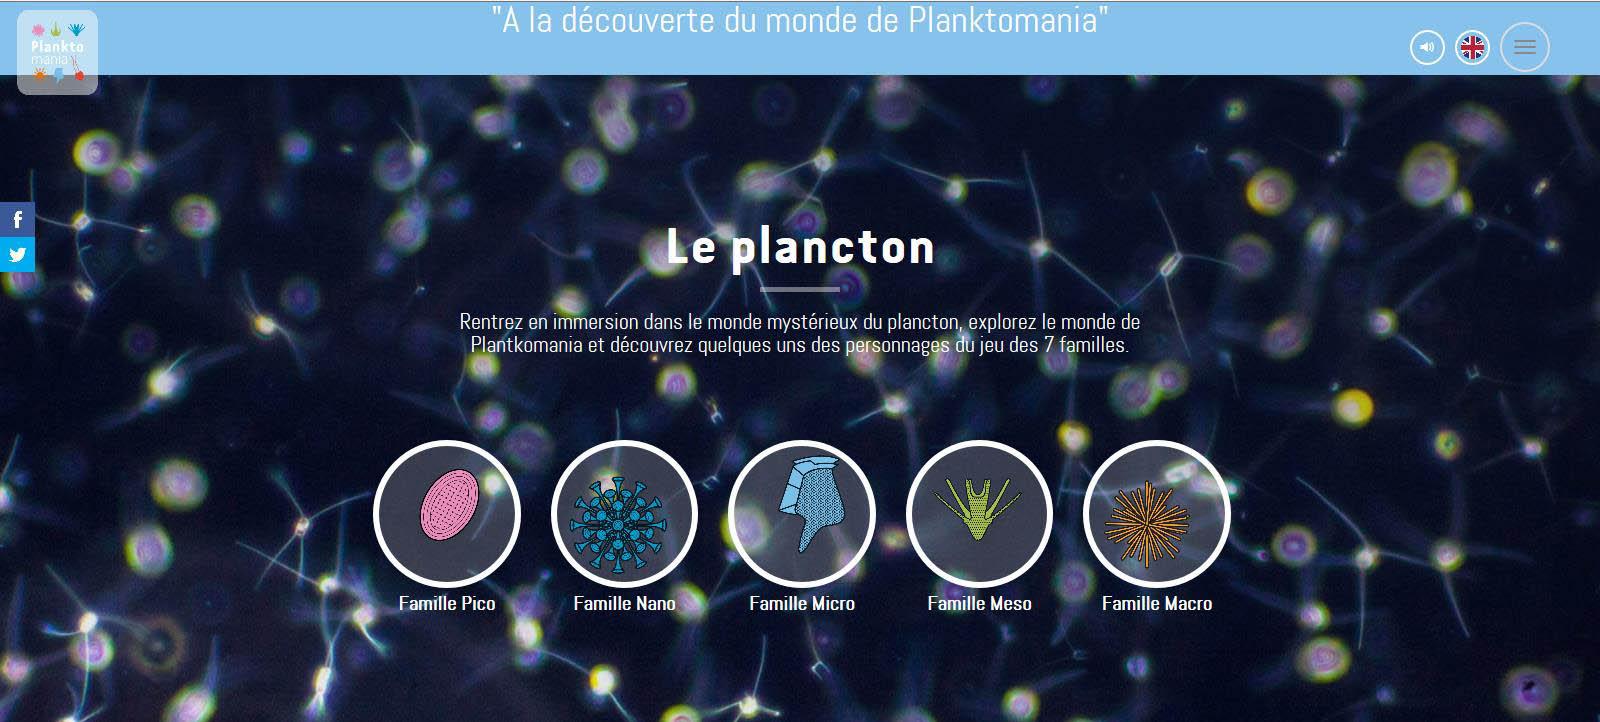 Cliquez sur l'image pour accéder au site Planktomania